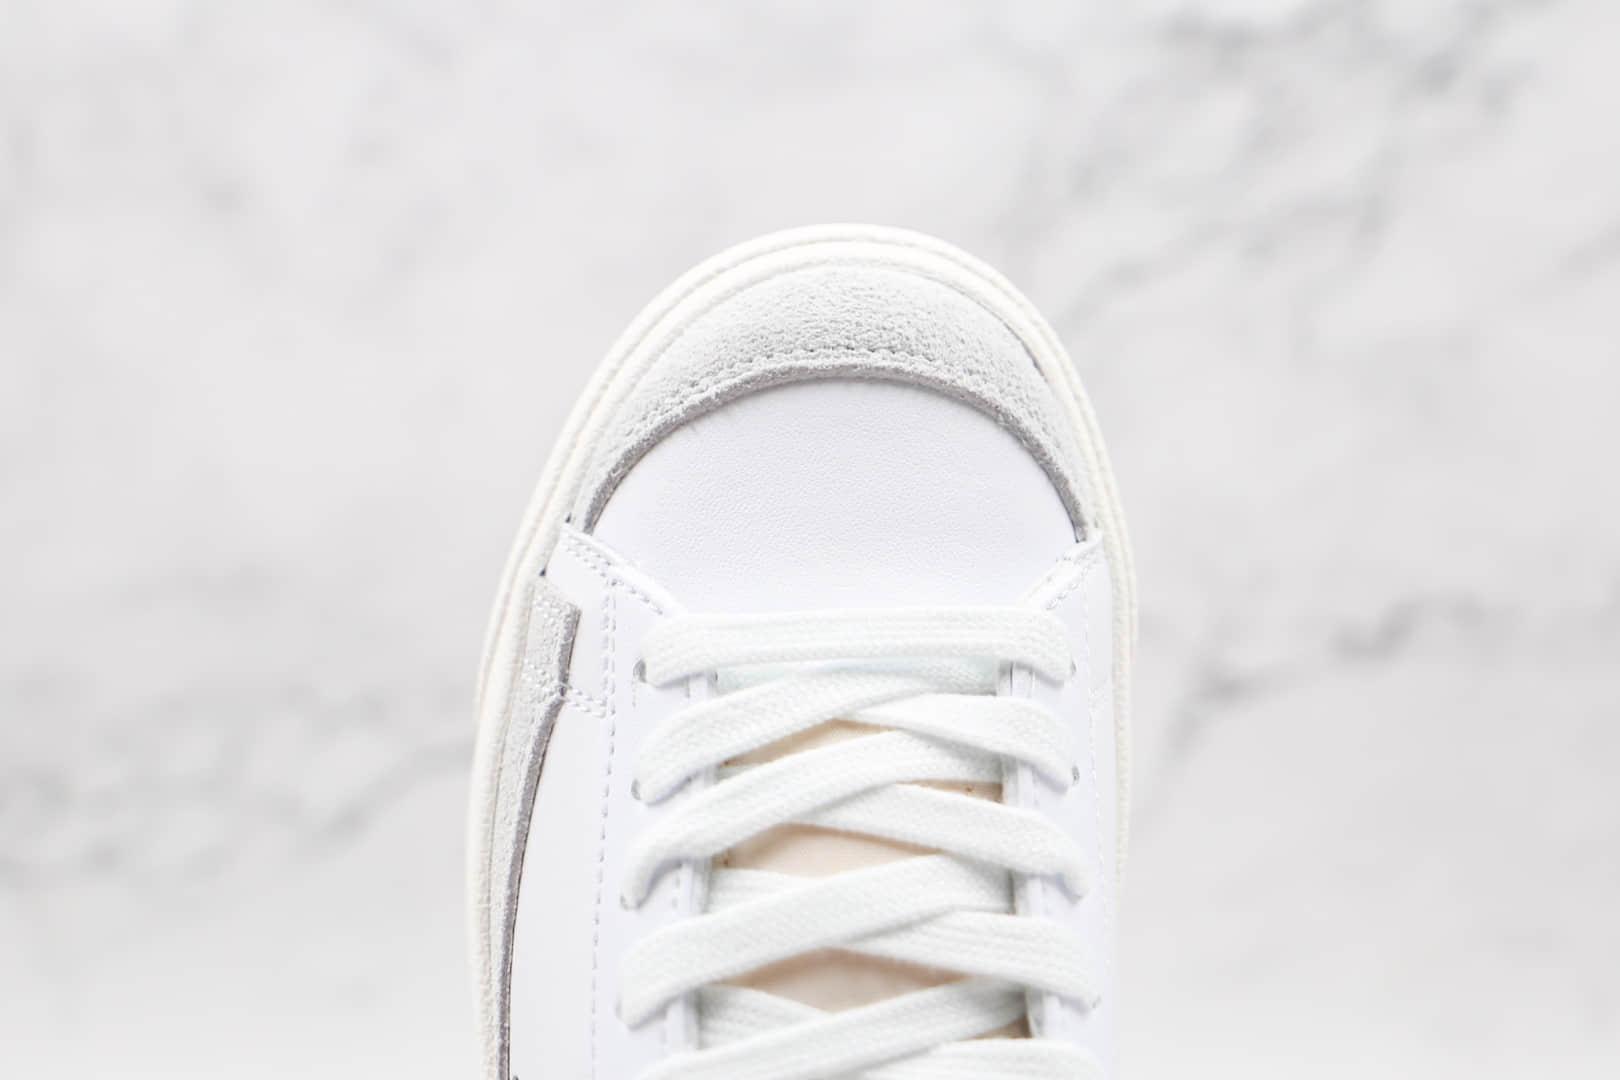 耐克Nike Blazer Low '1977 VNTG纯原版本低帮开拓者白黑色板鞋原盒原标 货号:DC4769-102